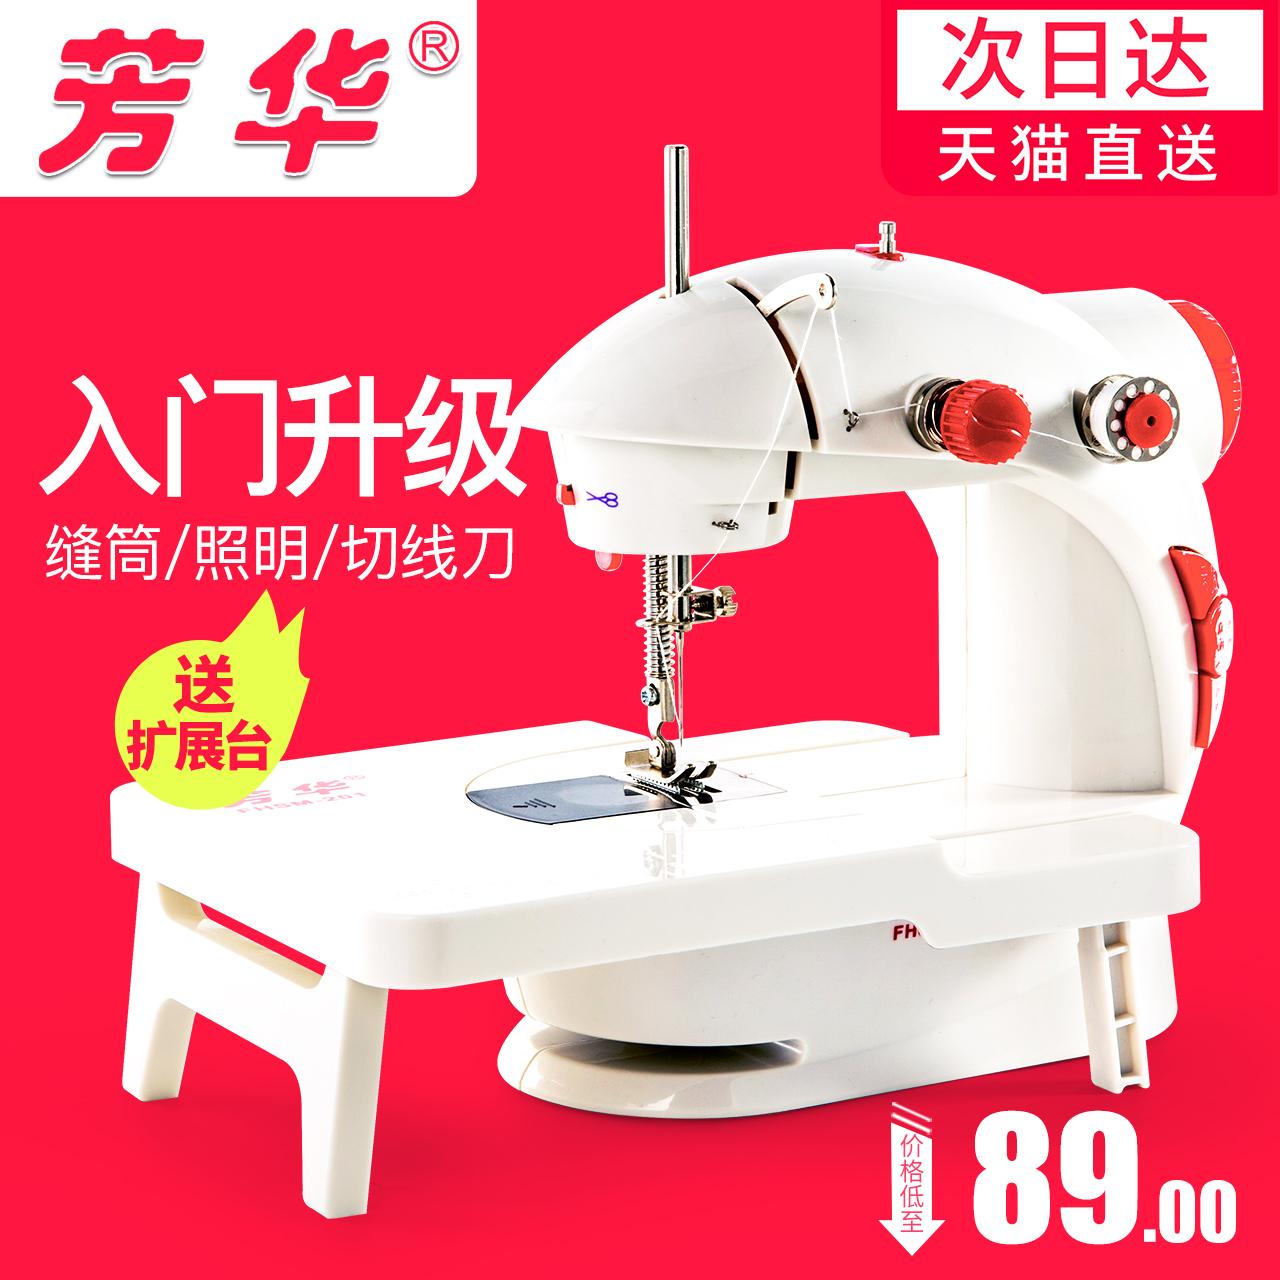 Клык цветущий шить машинально 201 тип бытовой электрический шаг мини многофункциональный небольшой вручную есть толстый миниатюрный шить машинально